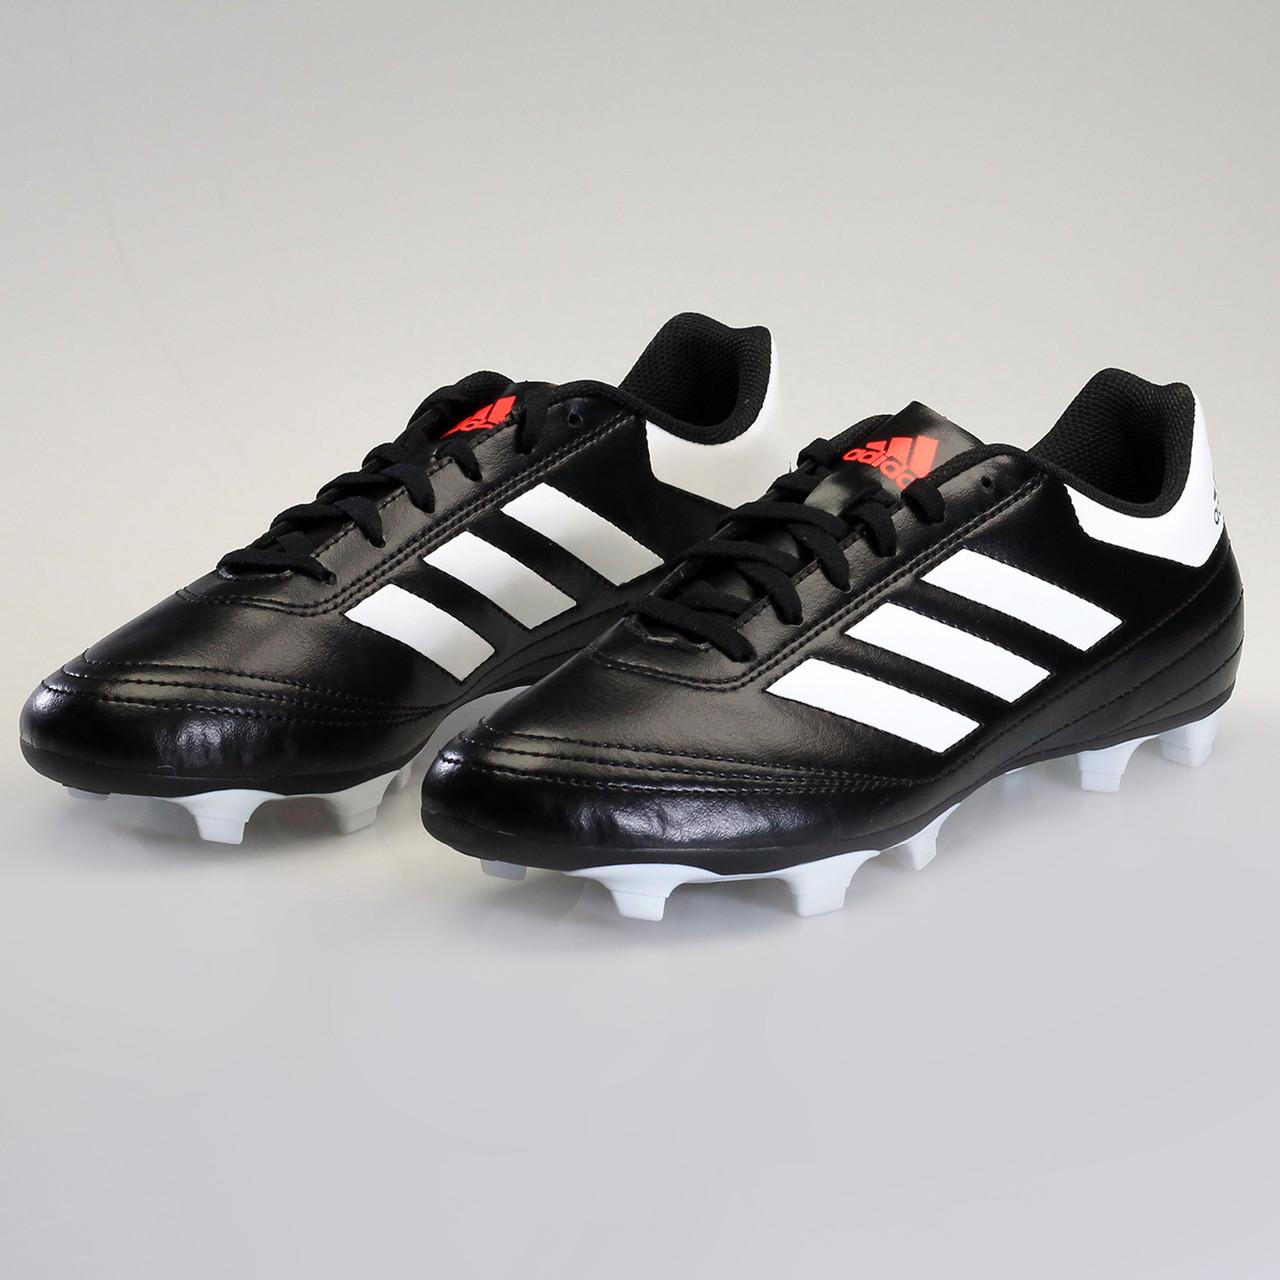 84df8f5d9 ... Adidas Goletto VI FG Men s Soccer Cleats AQ4281 ...